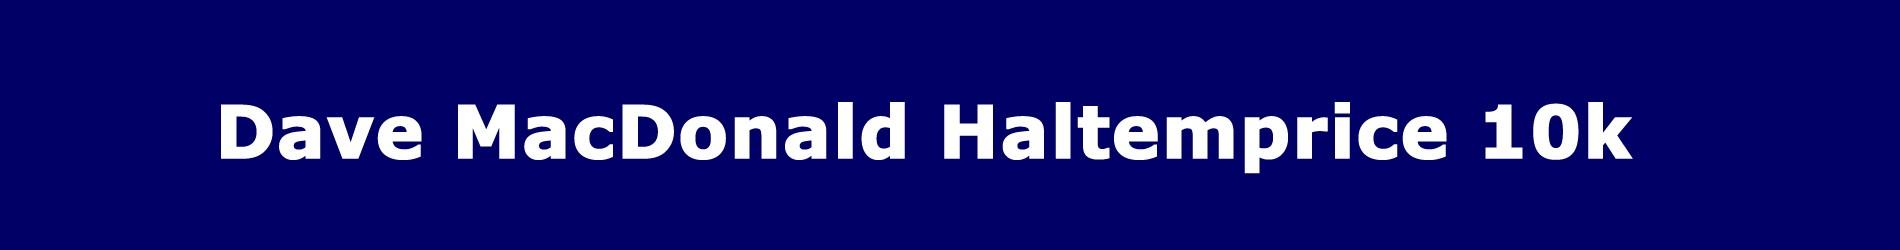 Dave Macdonald Haltemprice 10K 2021